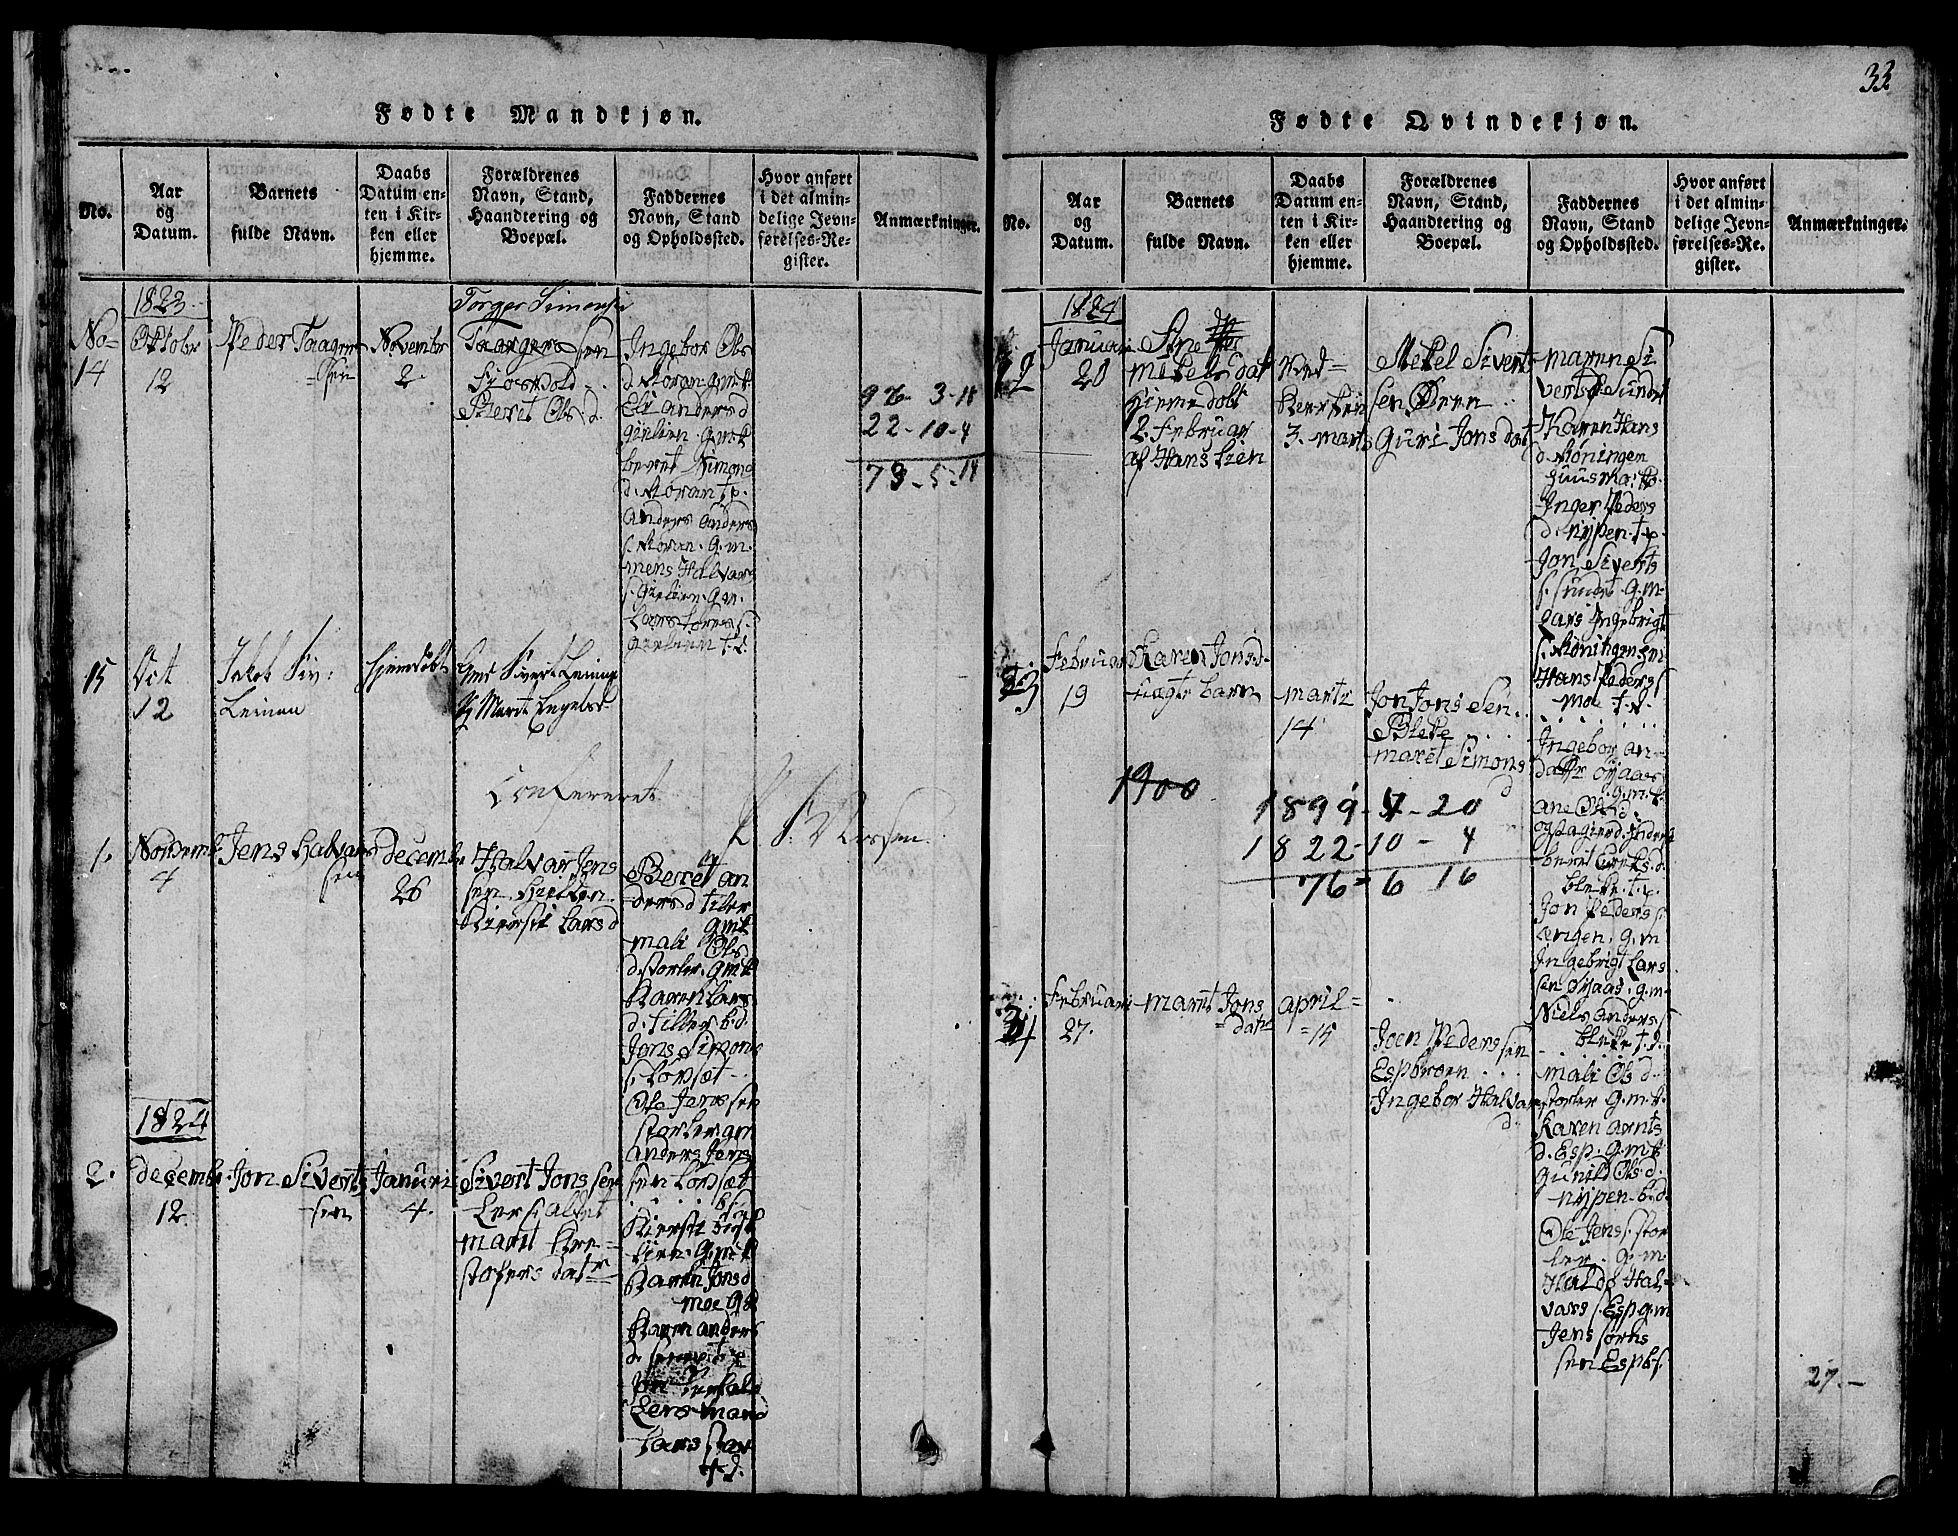 SAT, Ministerialprotokoller, klokkerbøker og fødselsregistre - Sør-Trøndelag, 613/L0393: Klokkerbok nr. 613C01, 1816-1886, s. 33